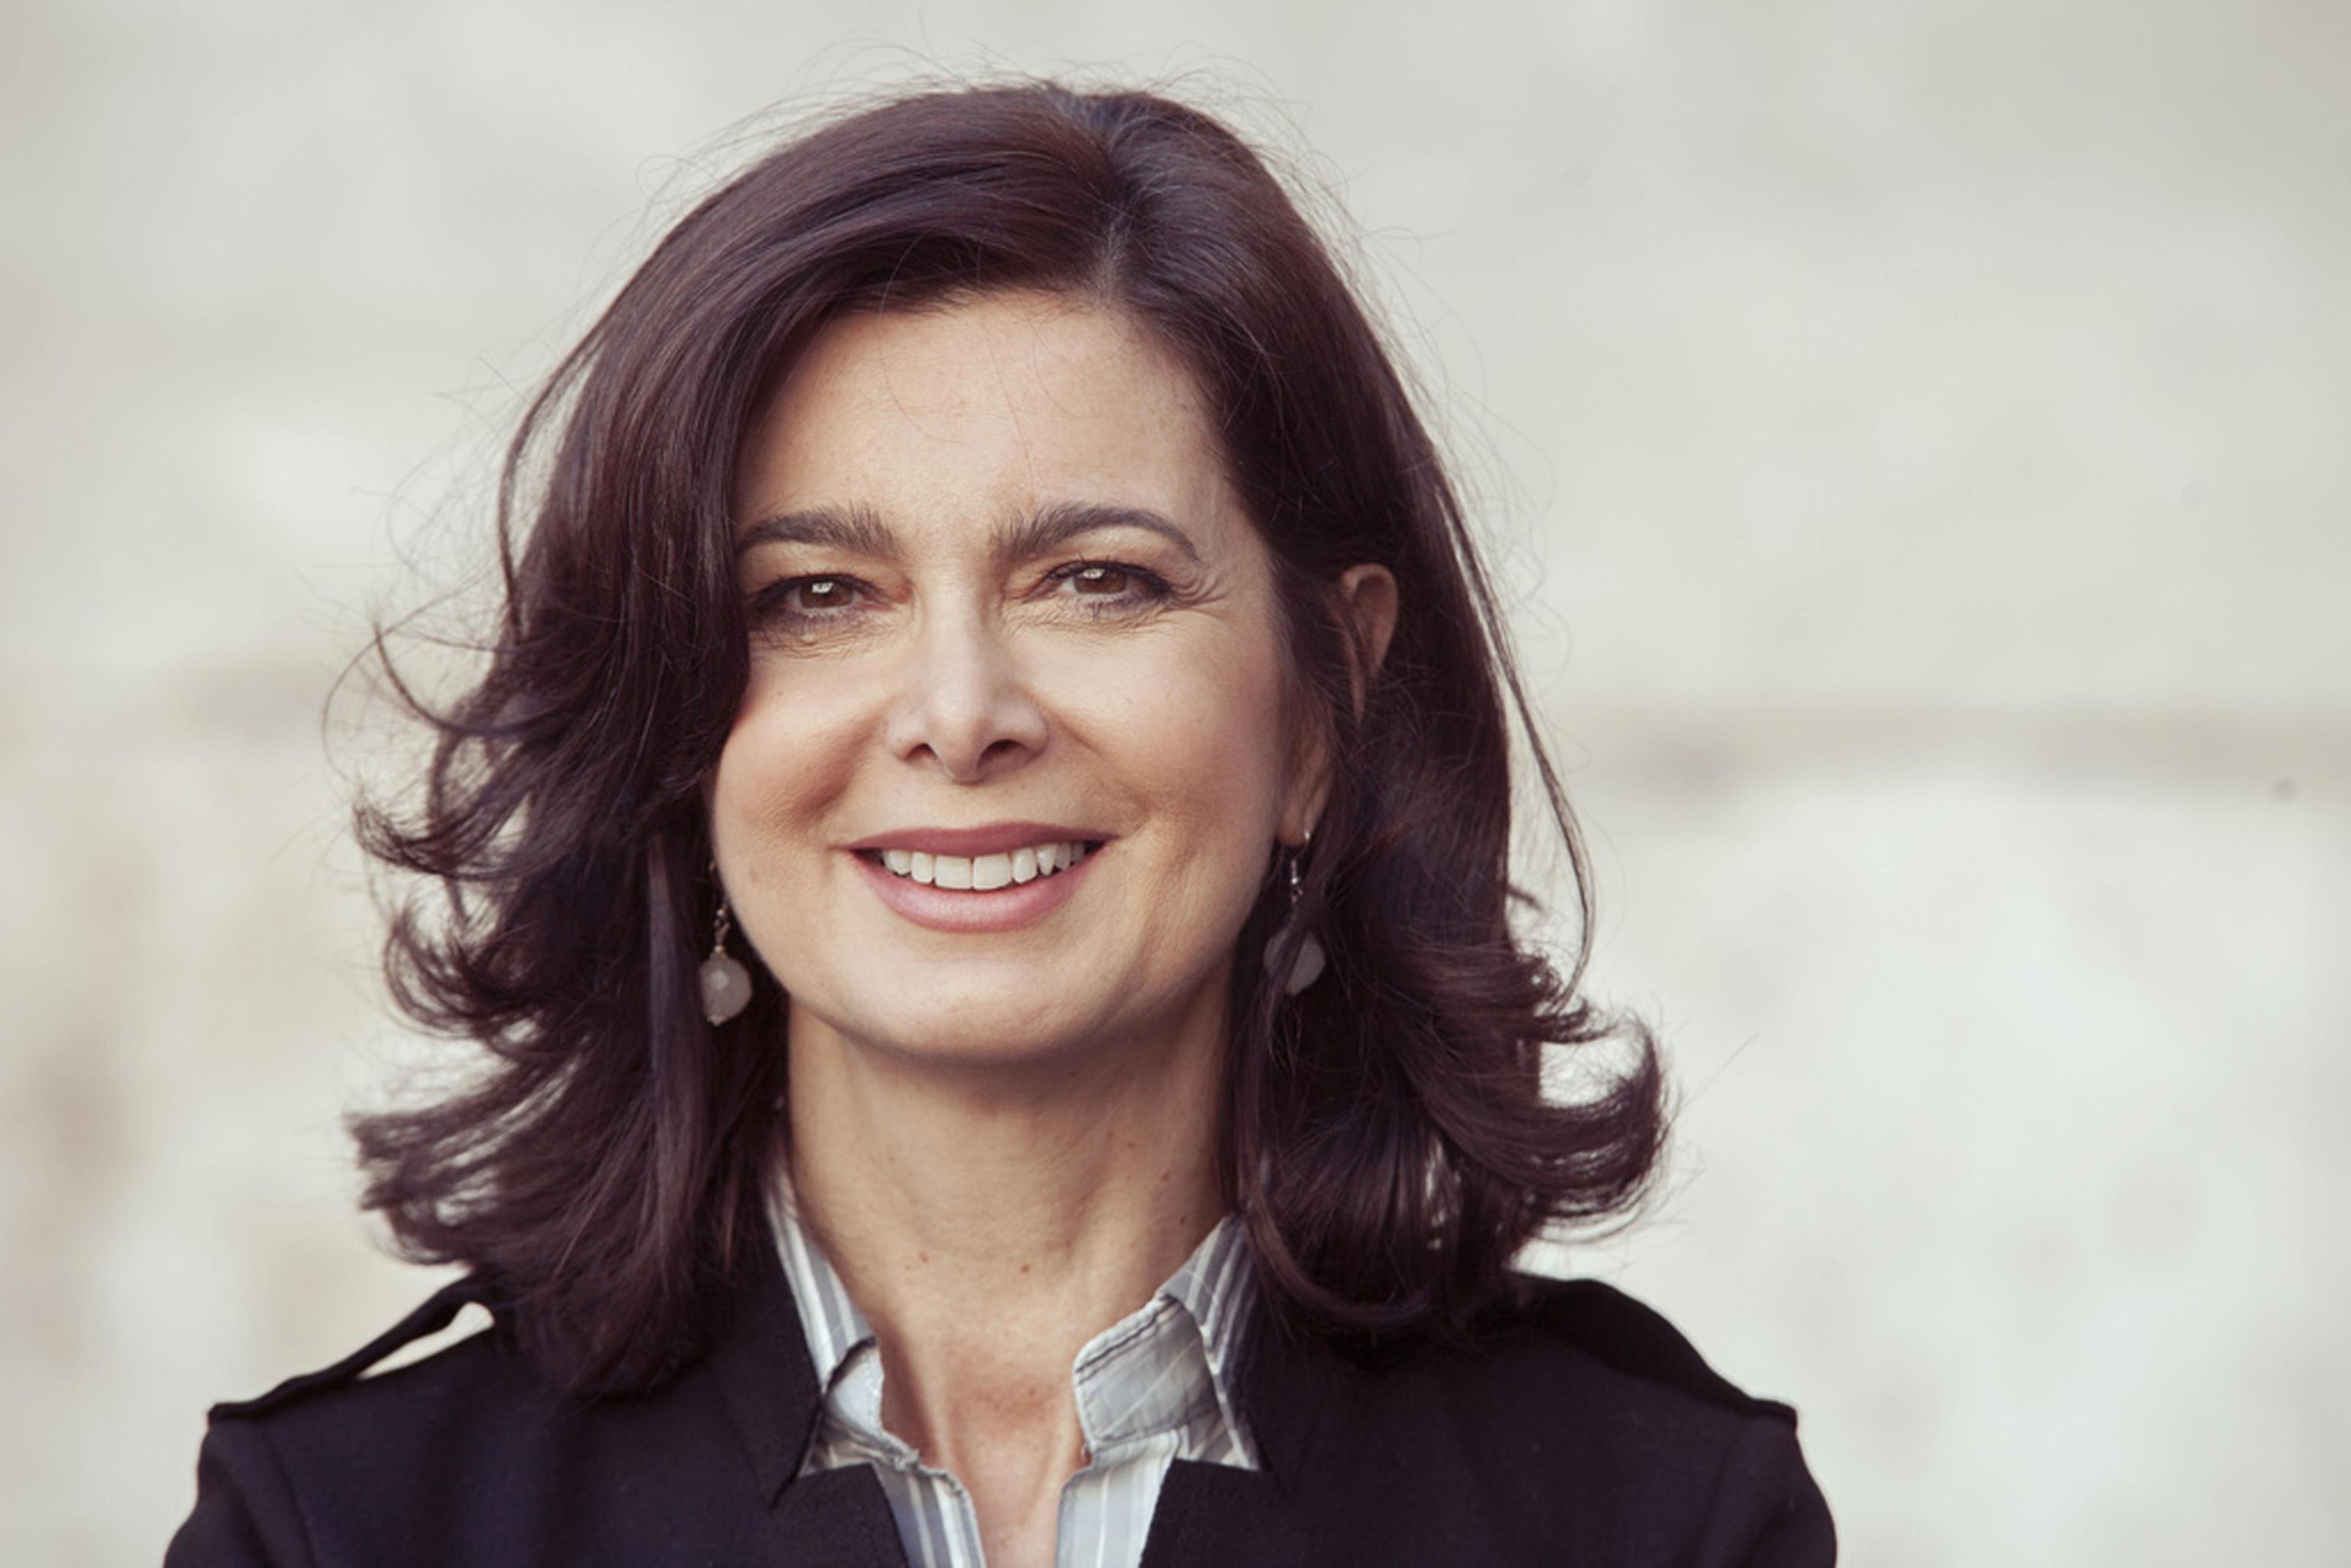 La boldrini perdona i violenti di sel for Presidente della camera attuale